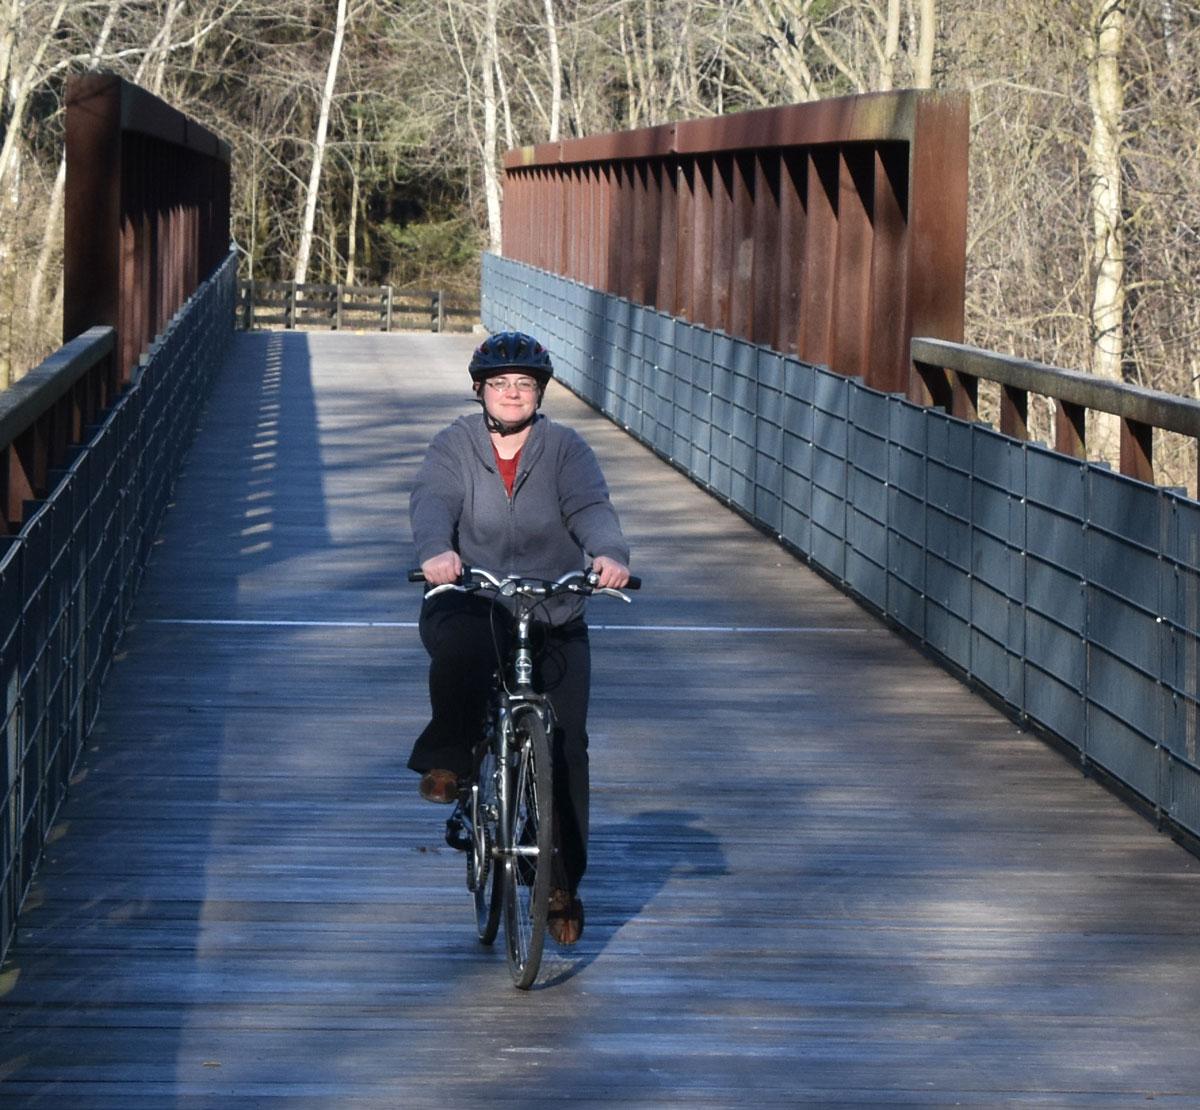 Biker crosses Big Walnut Creek on a bridge in Three Creeks Metro Park